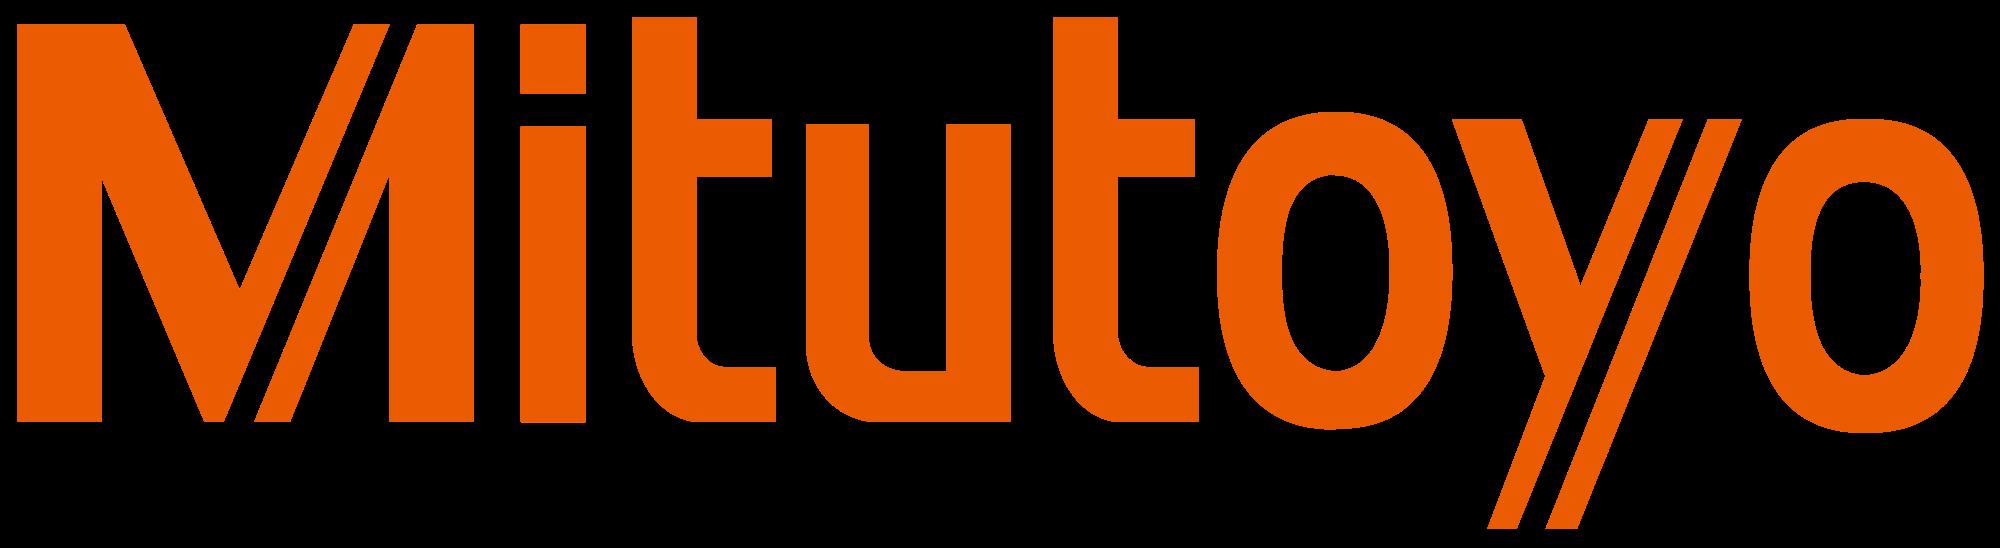 Mitutoyto Logo